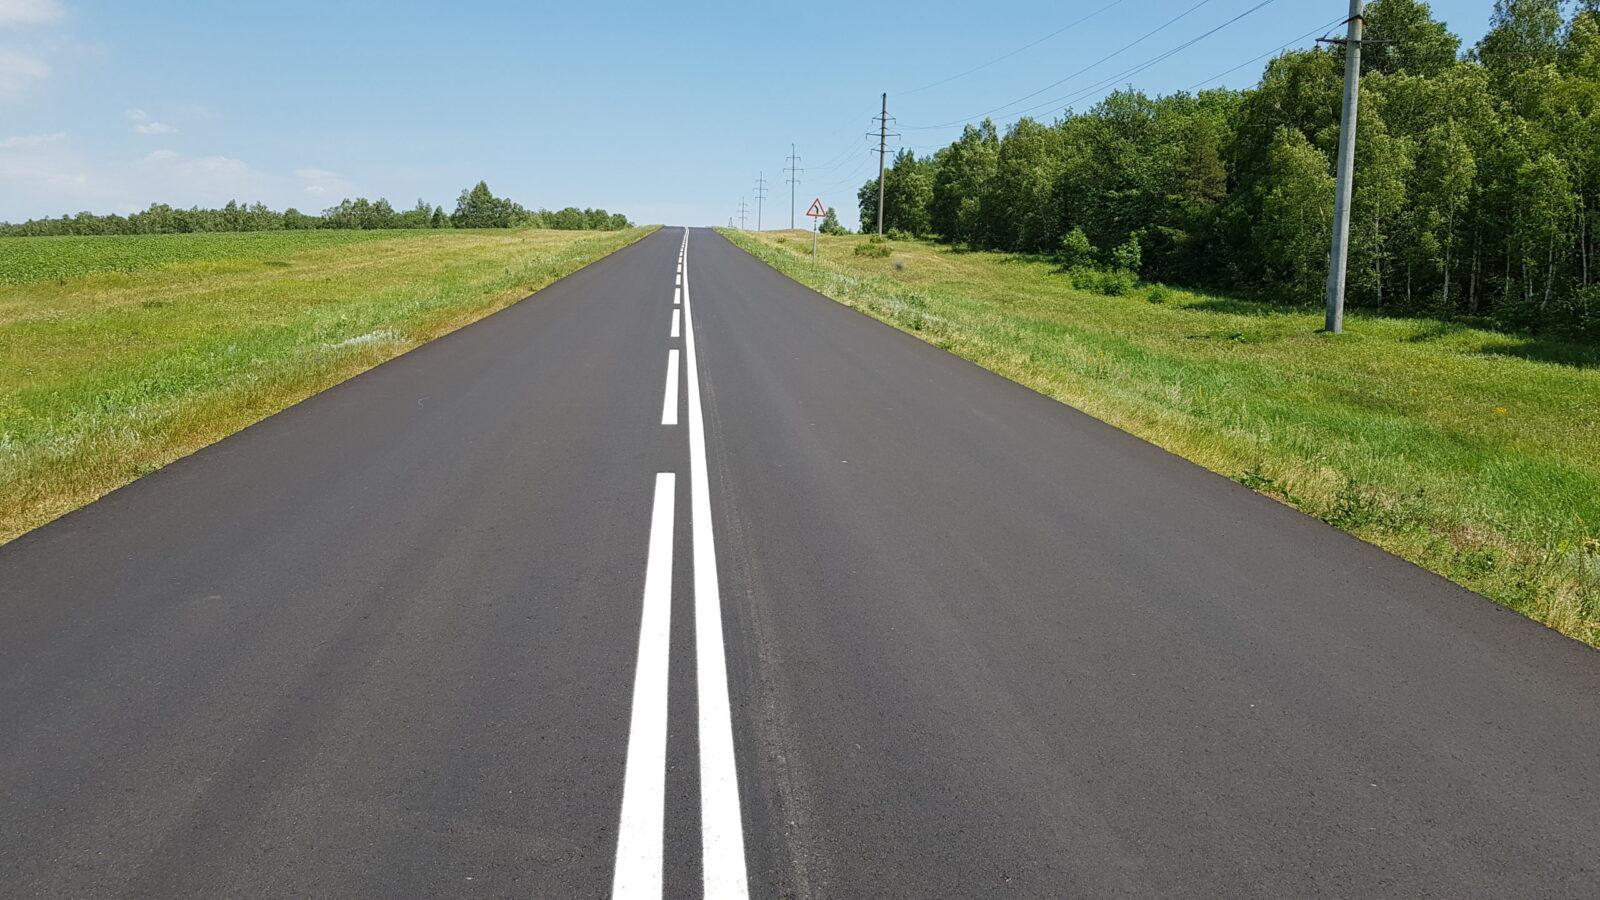 В Тверской области подведены итоги реализации национального проекта «Безопасные и качественные автомобильные дороги» в 2019 году